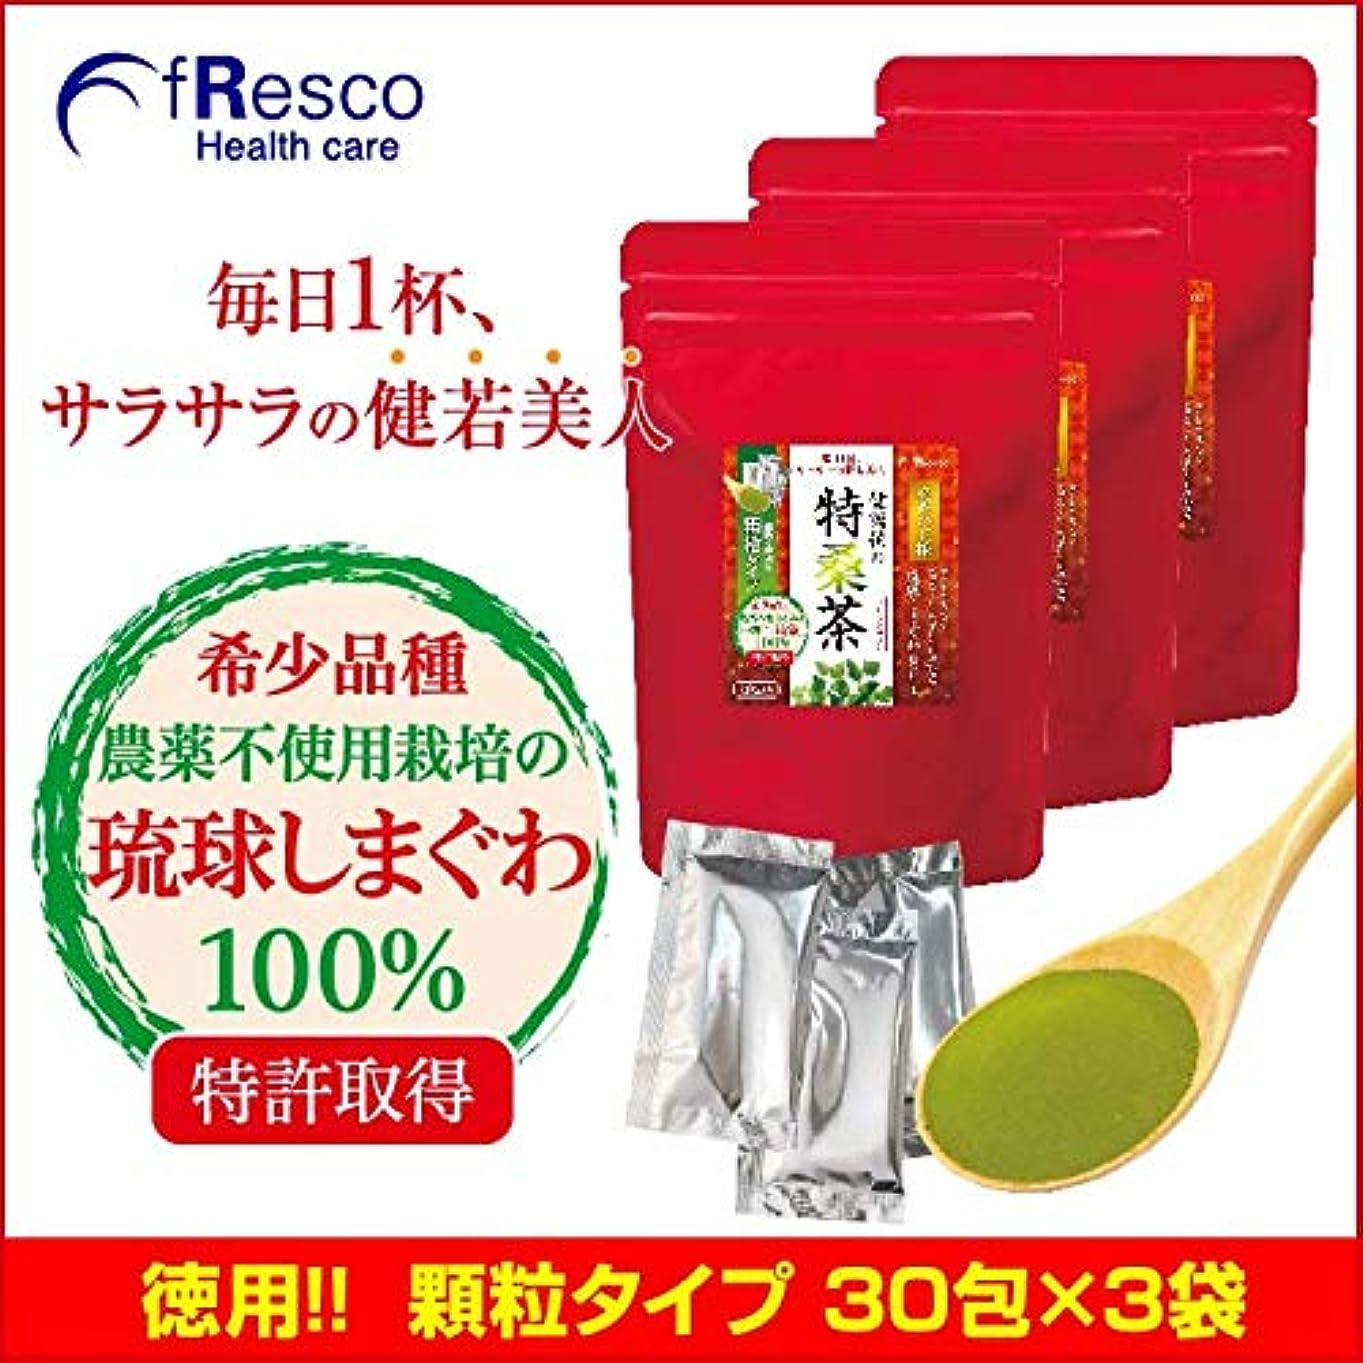 モッキンバードありそう甥桑茶の王様 琉球しまぐわ 健糖値の特桑茶 顆粒タイプ30包 90日分(3個セット)